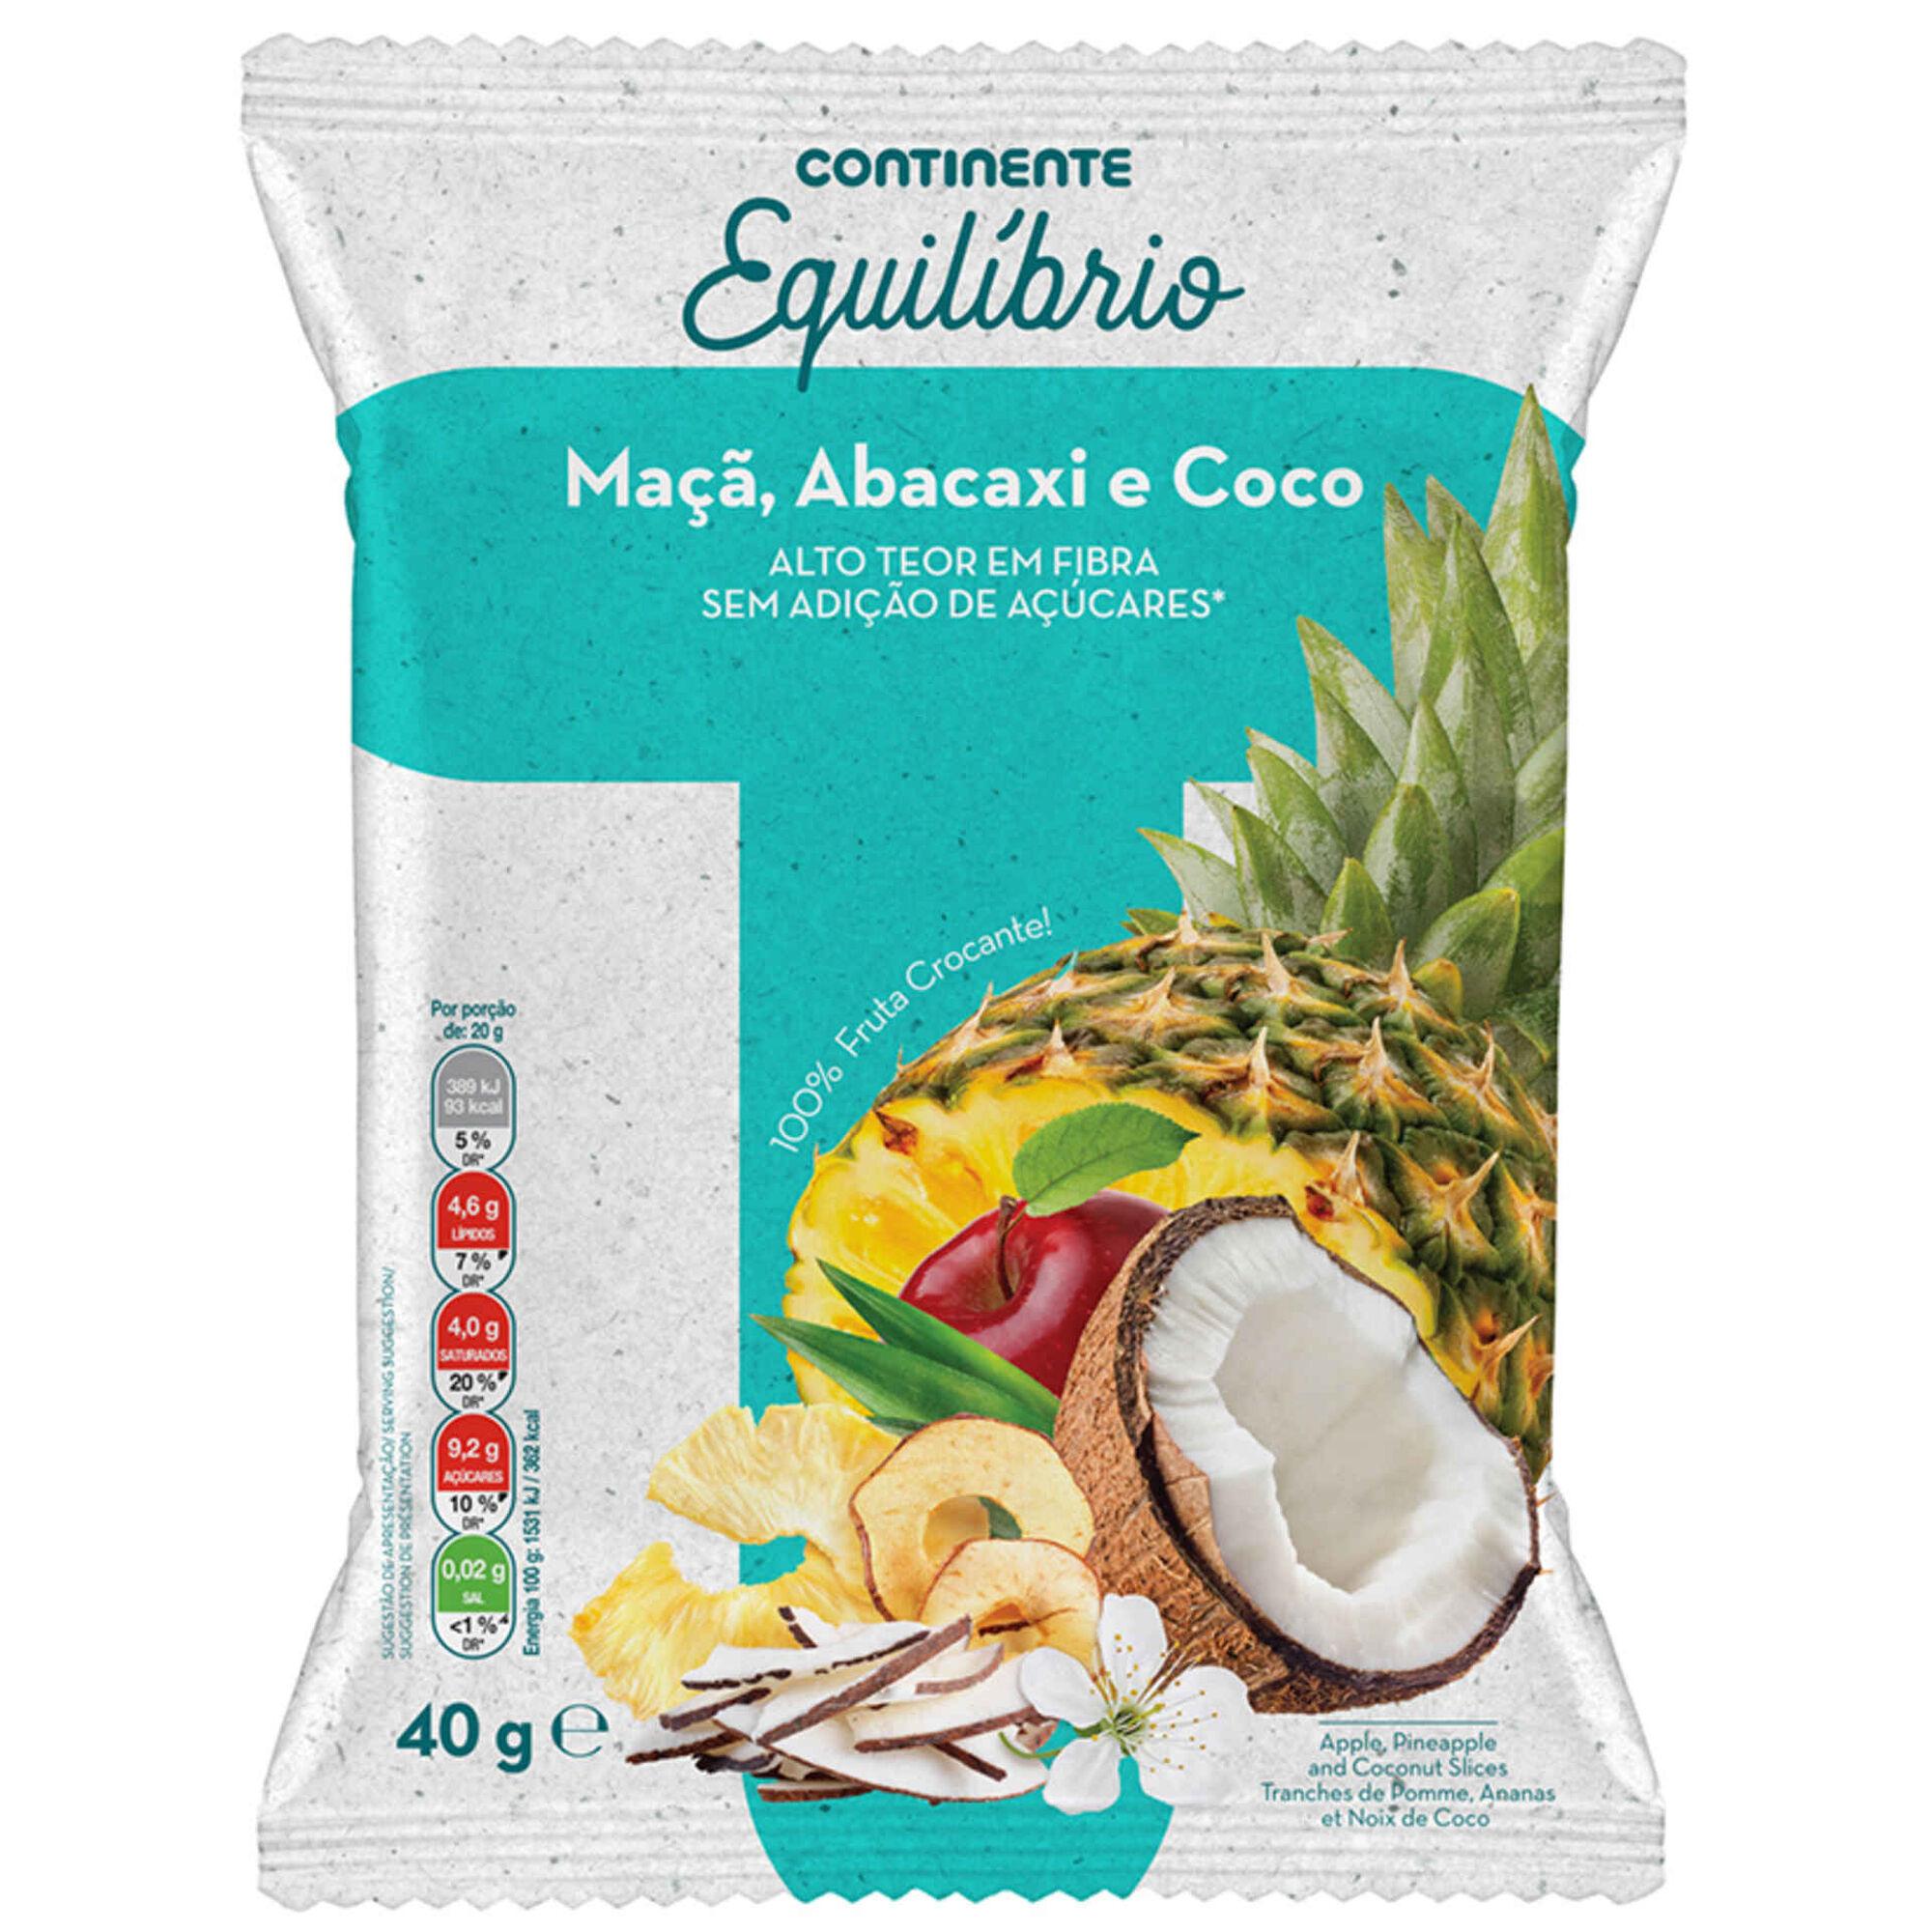 Snack de Maçã, Abacaxi e Coco